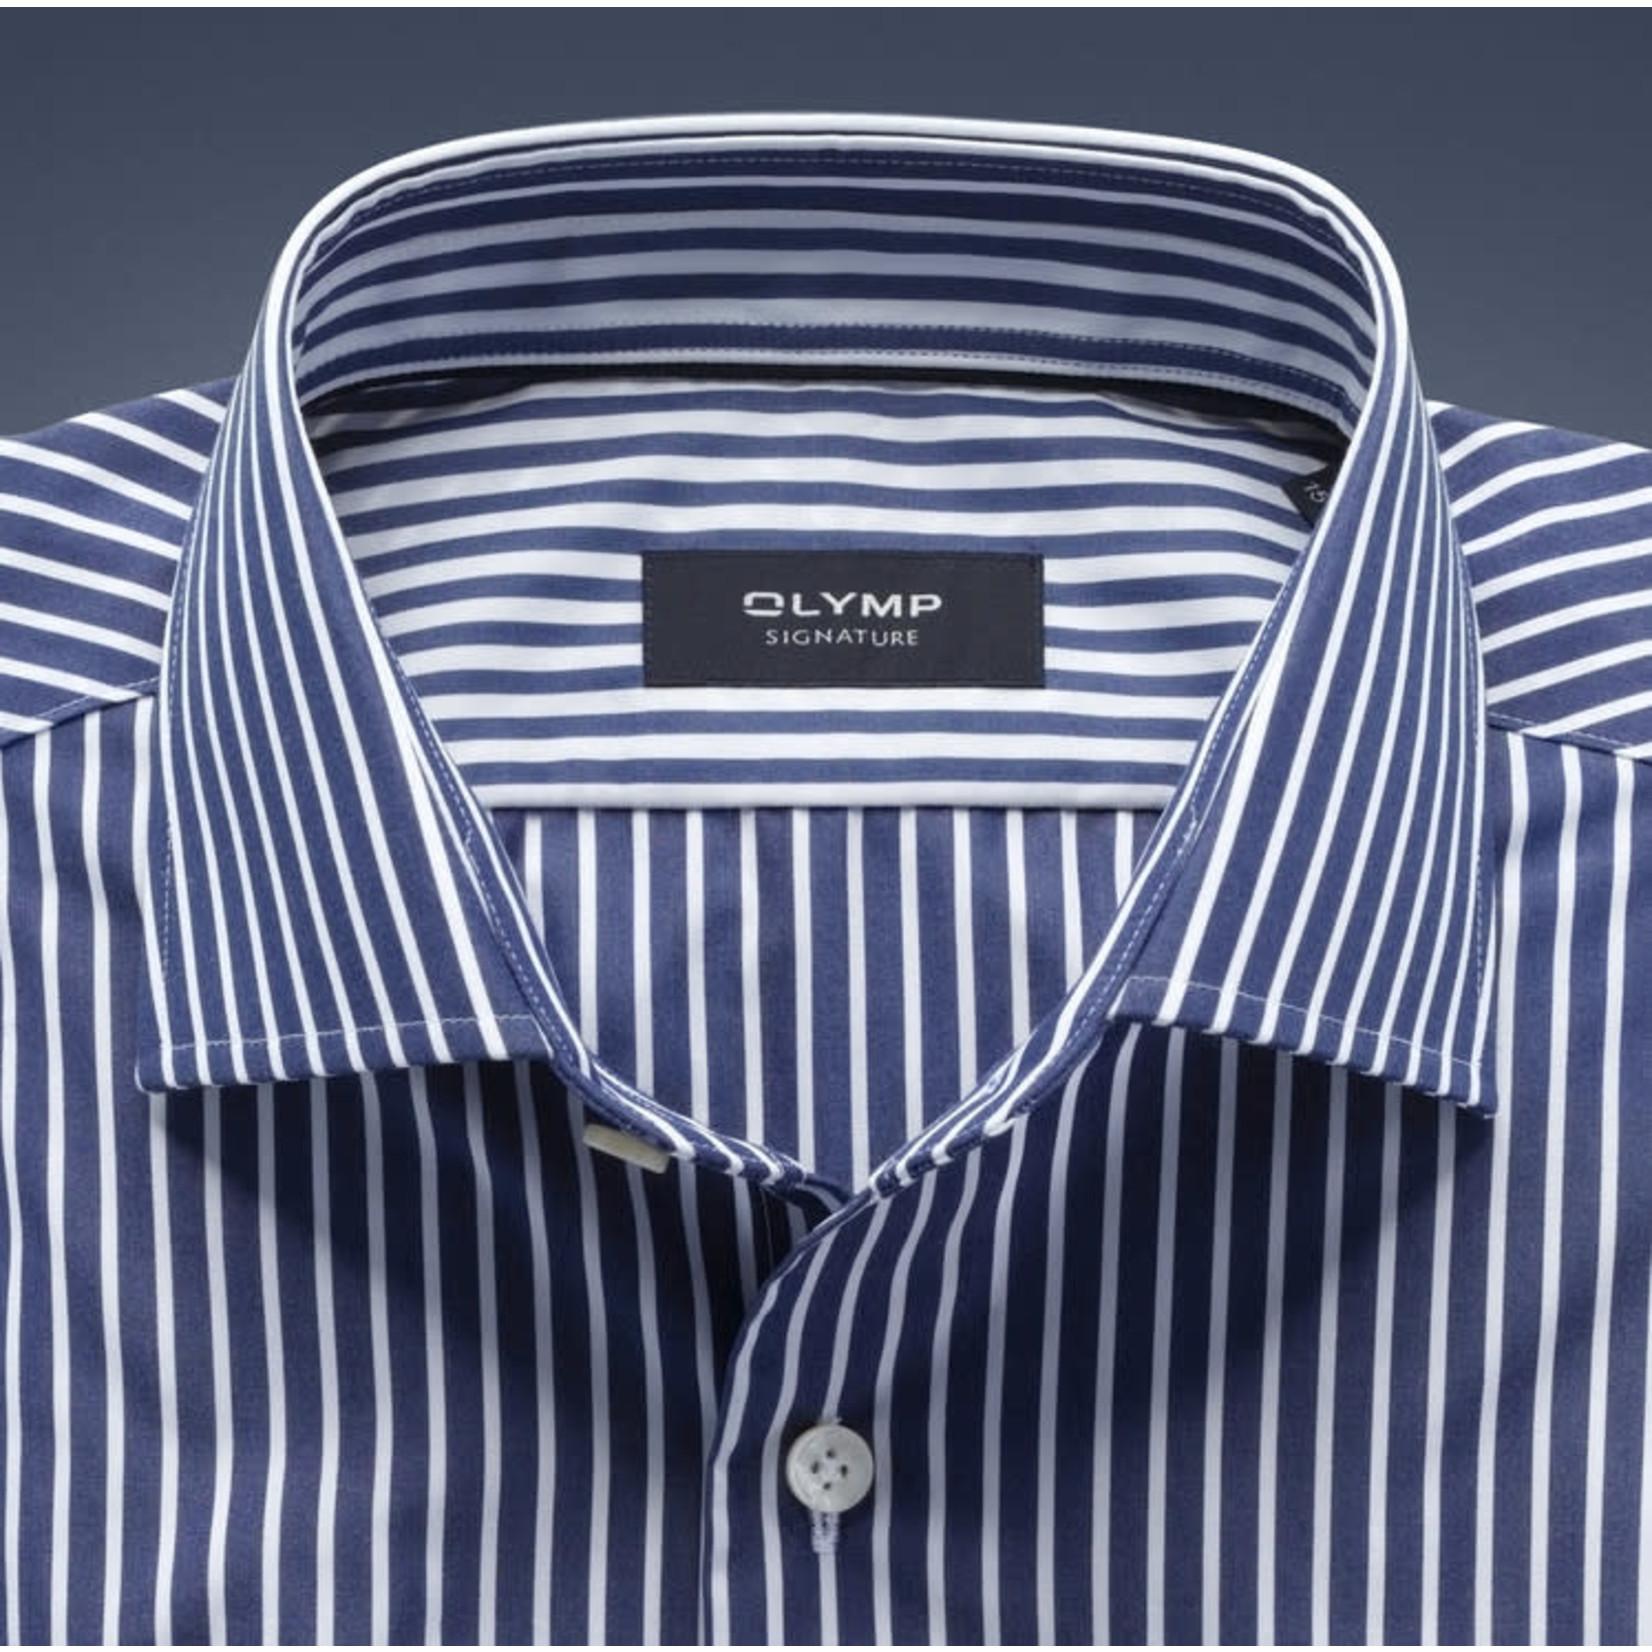 Olymp Signature overhemd marine streep